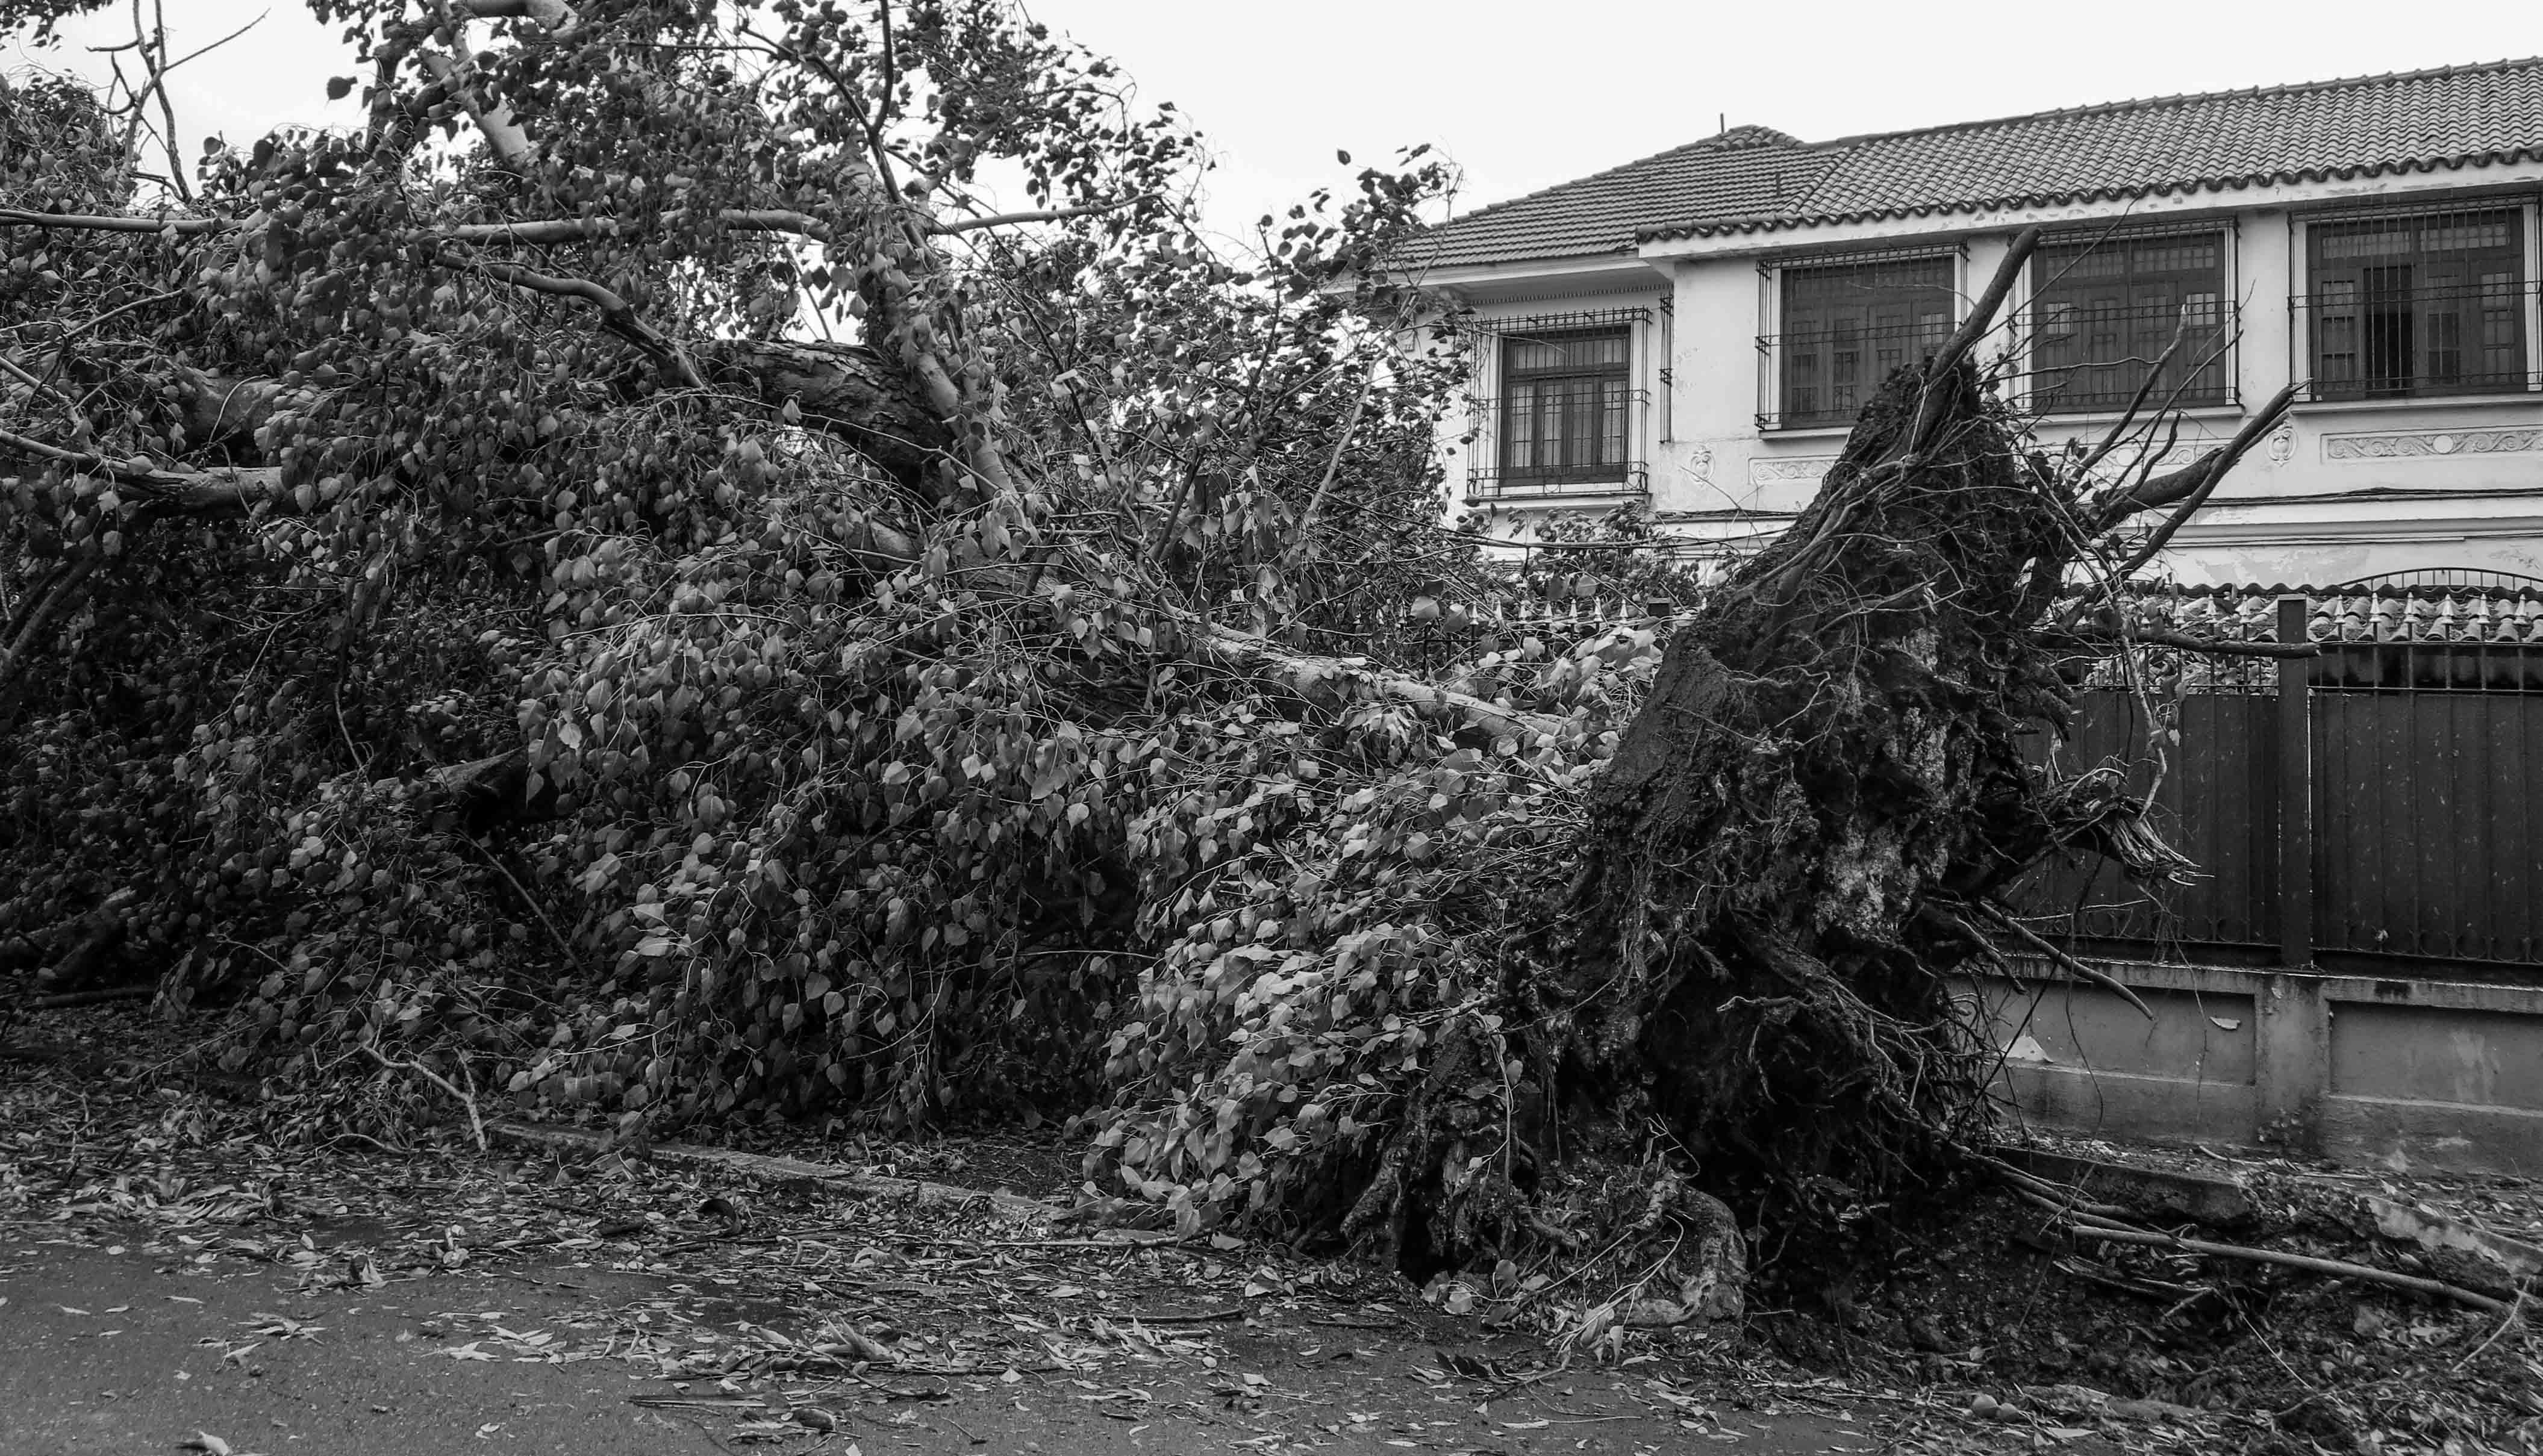 En el reparto Miramar la poda y recogida de los árboles supone un desafío para las brigadas que se encuentran trabajando en el saneamiento (Foto: Mónica Baró)